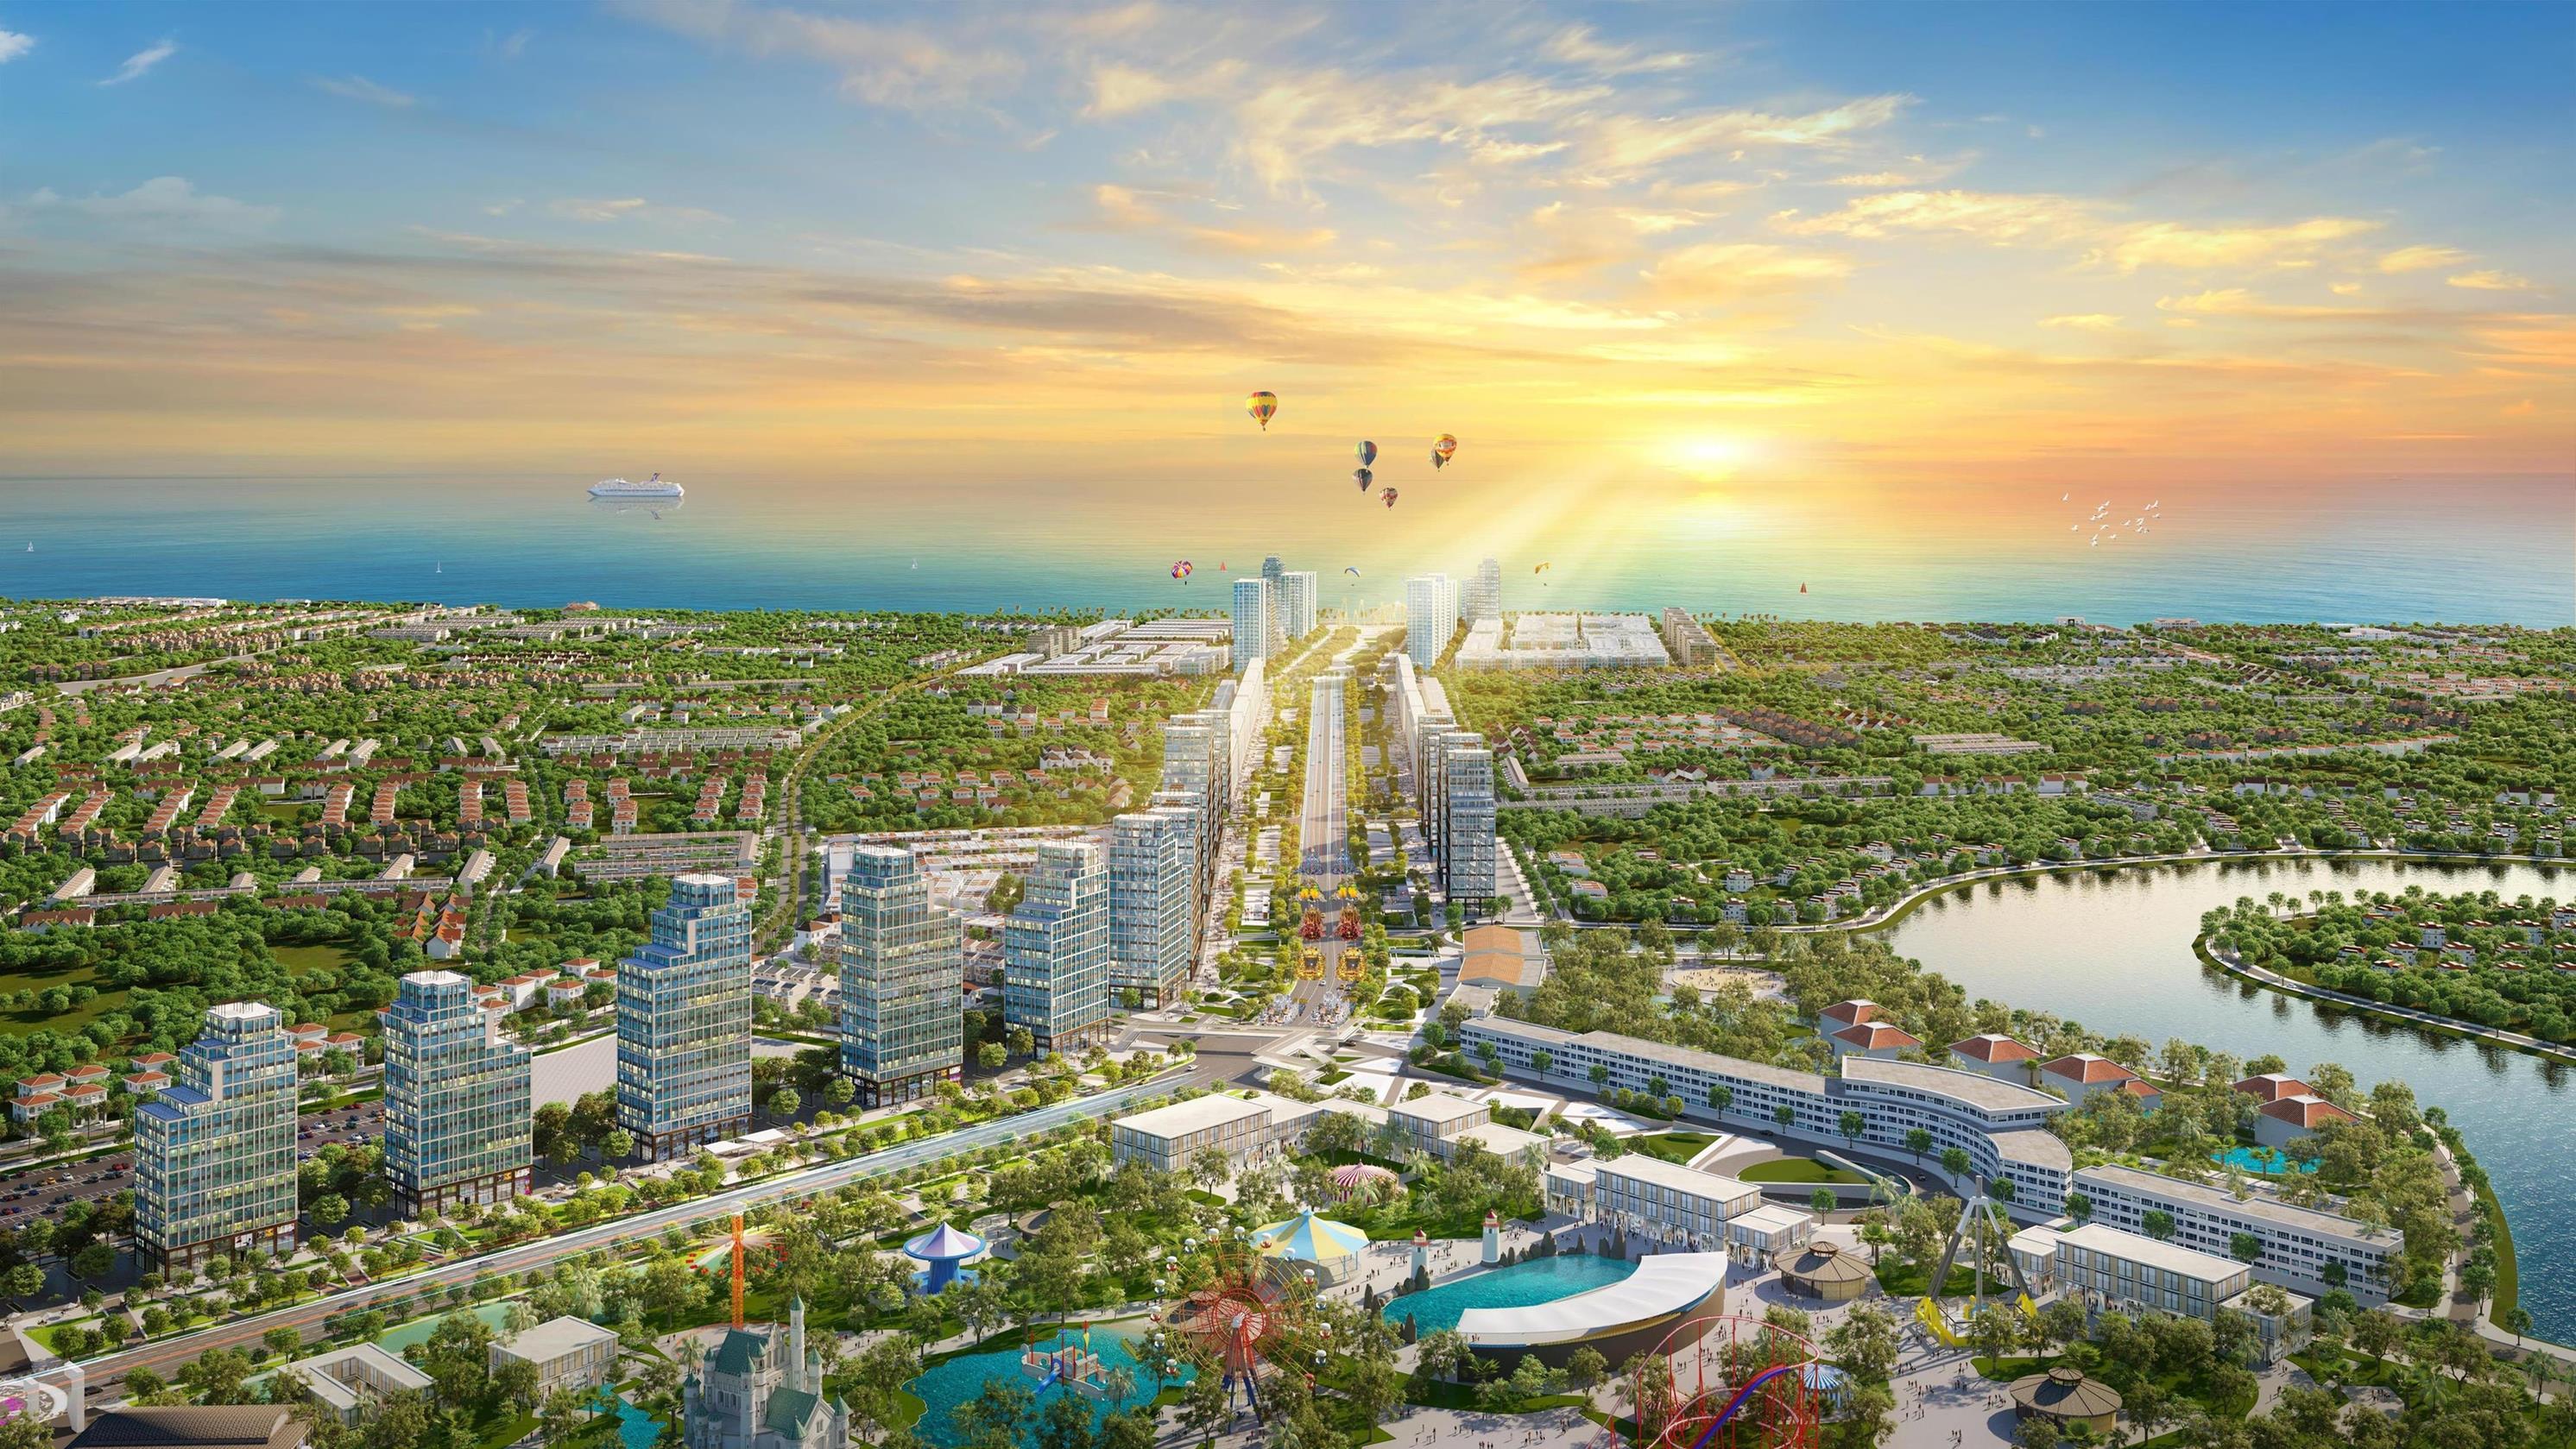 Sun Group ra mắt Khu đô thị Quảng trường biển Sun Grand Boulevard tại Sầm Sơn - Ảnh 3.